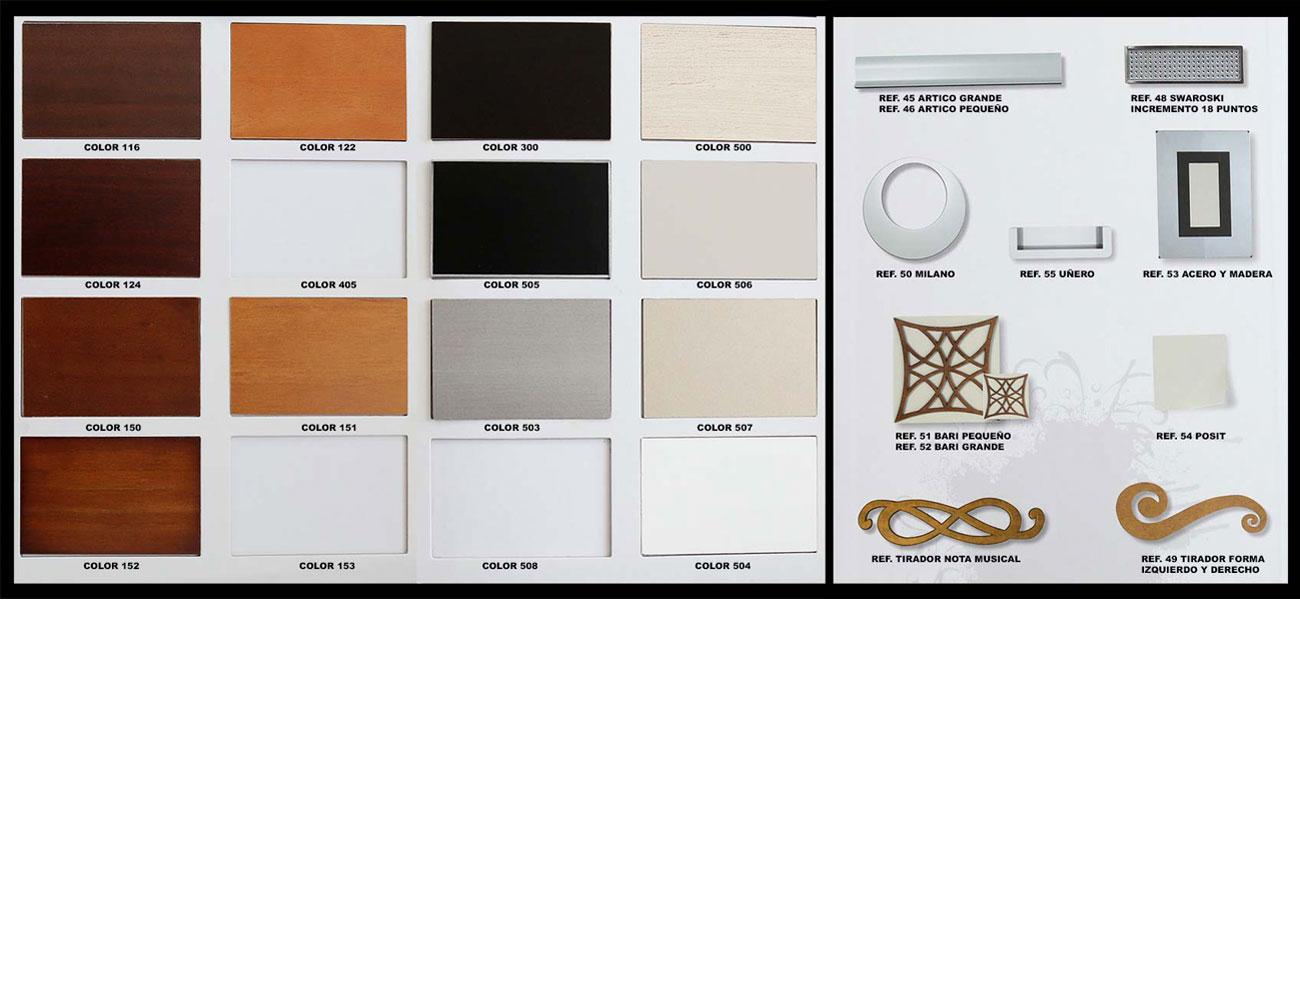 Colores tiradores12